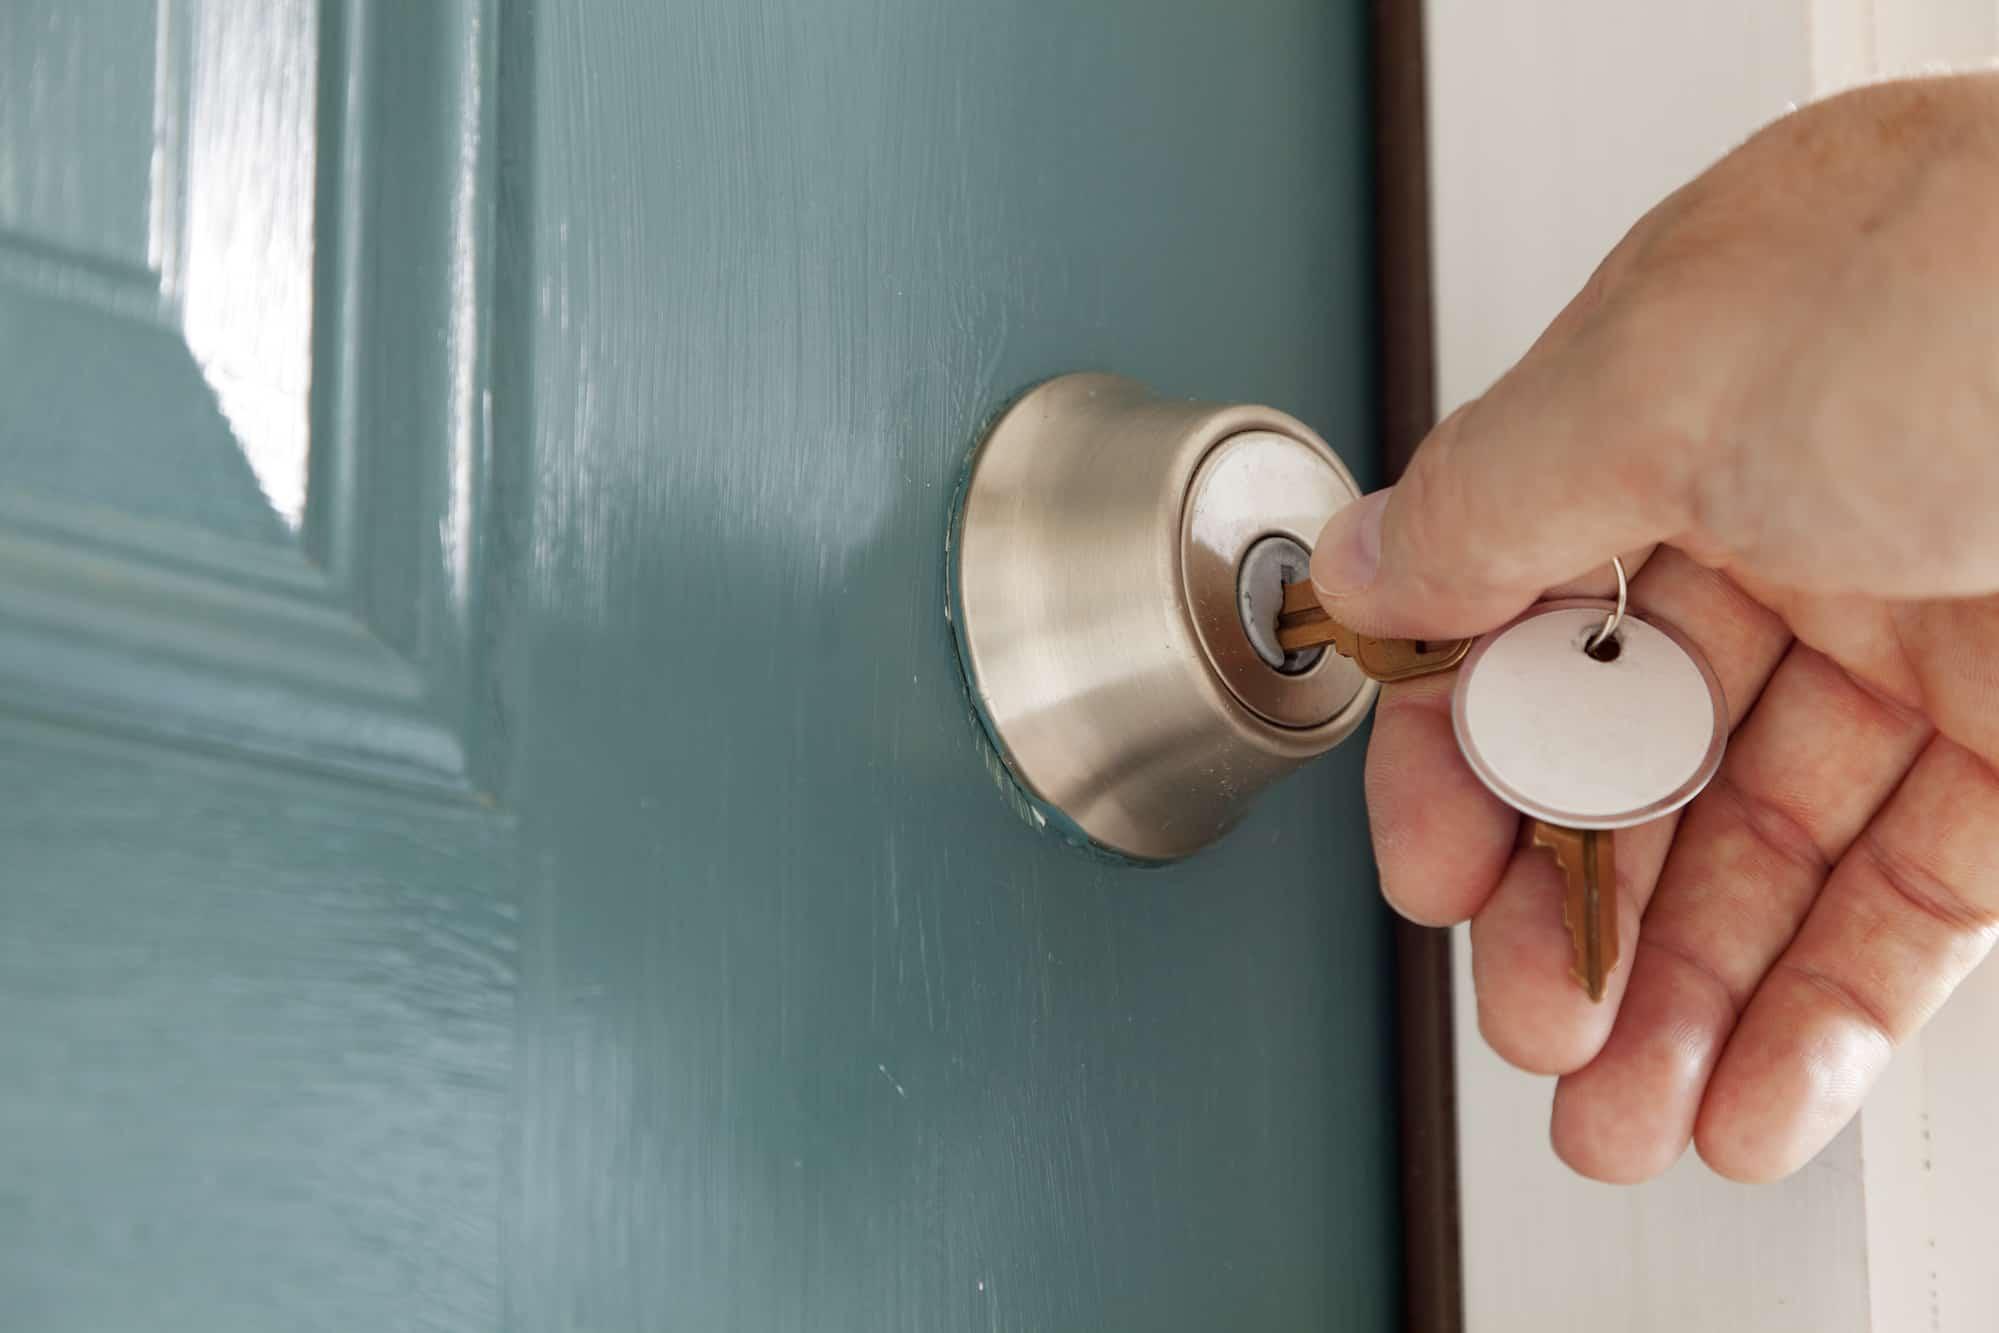 hand unlocking a door